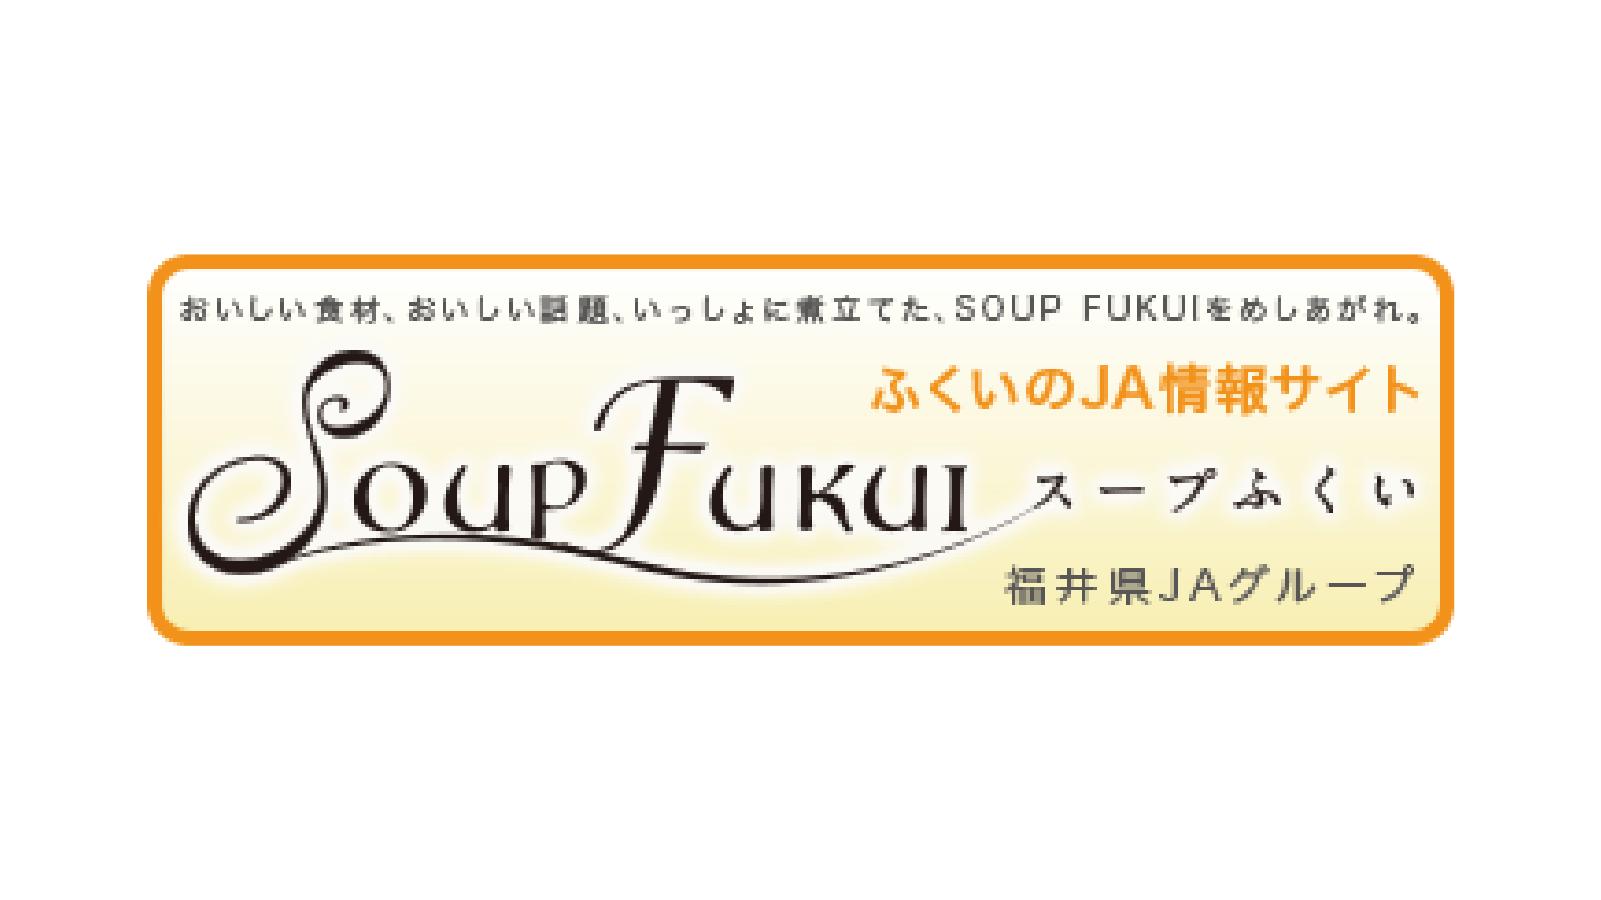 スープふくい